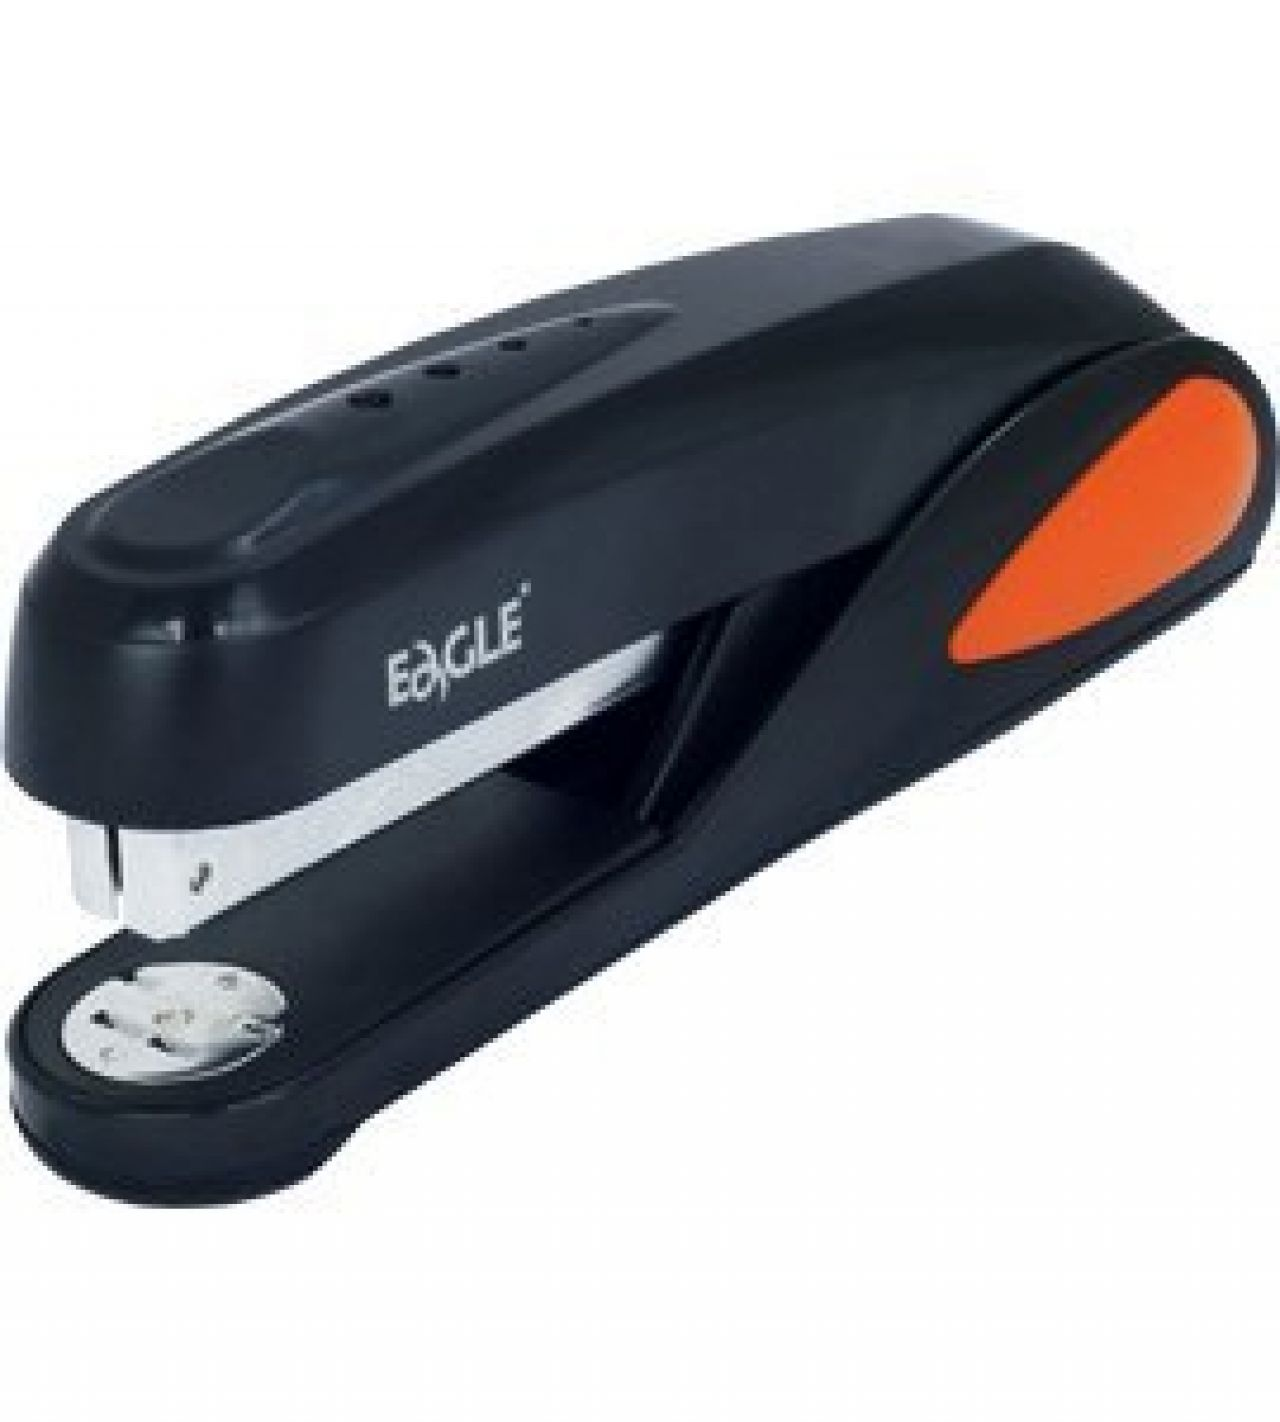 Zszywacz EAGLE Dynamic S5104 pomarańczowy